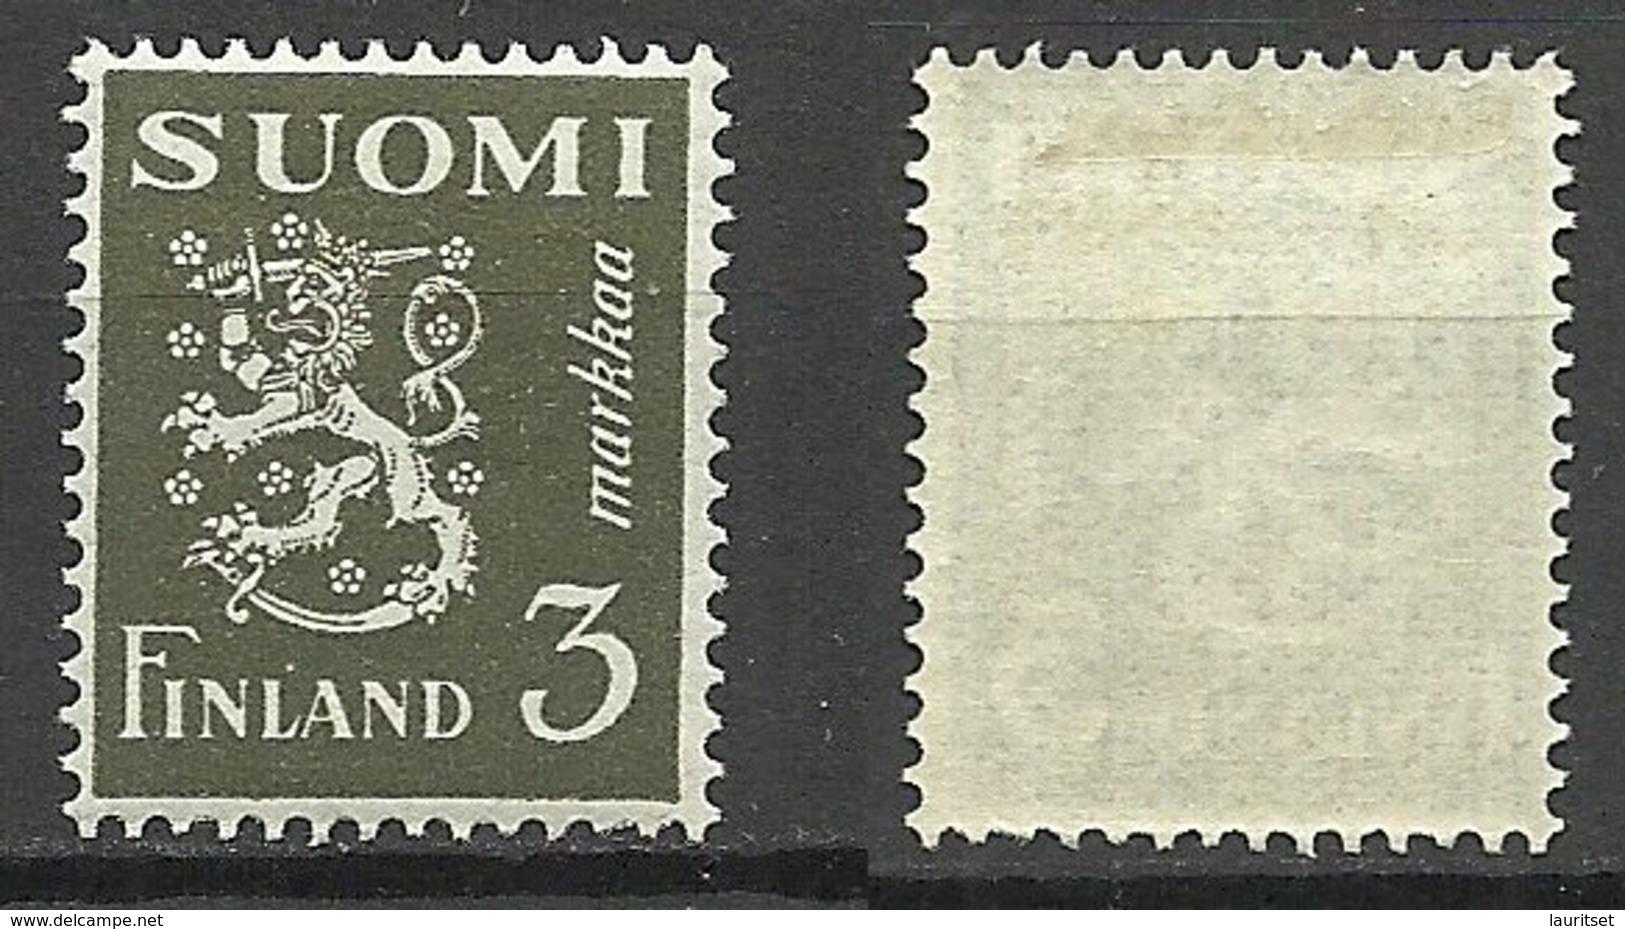 FINLAND Finnland SUOMI 1930 Michel 154 * - Unused Stamps